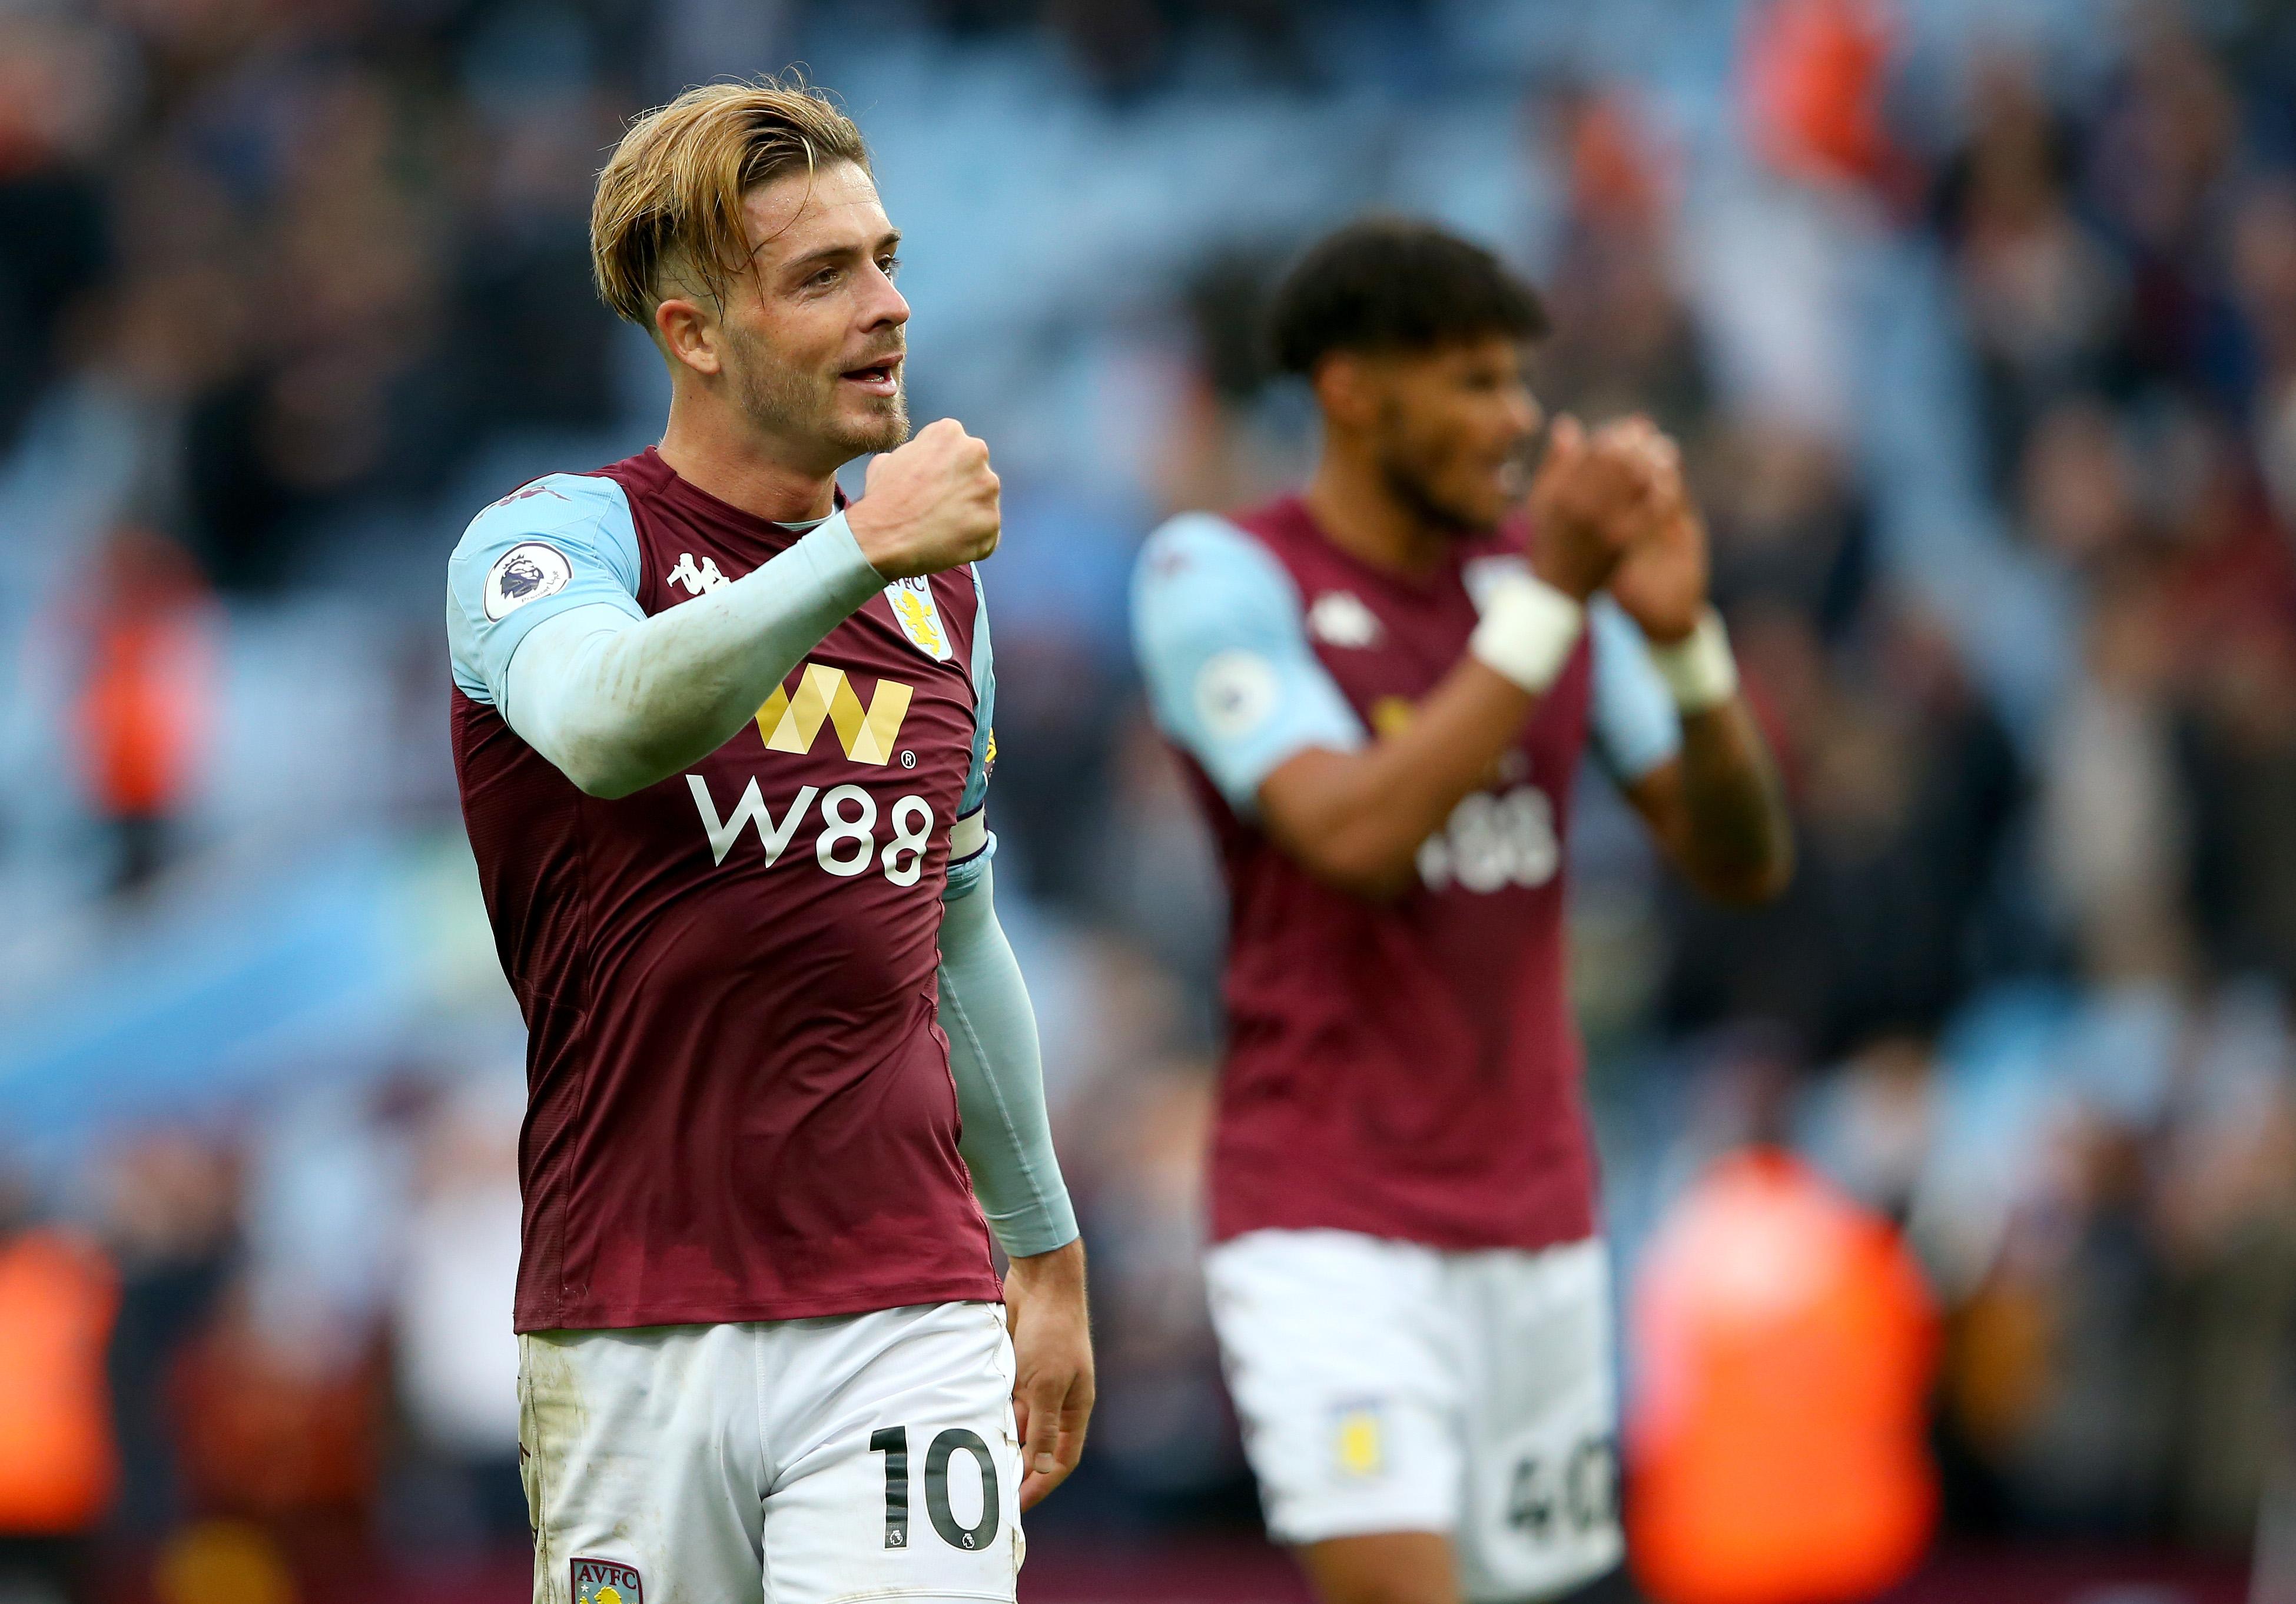 Aston Villa v Brighton & Hove Albion - Premier League